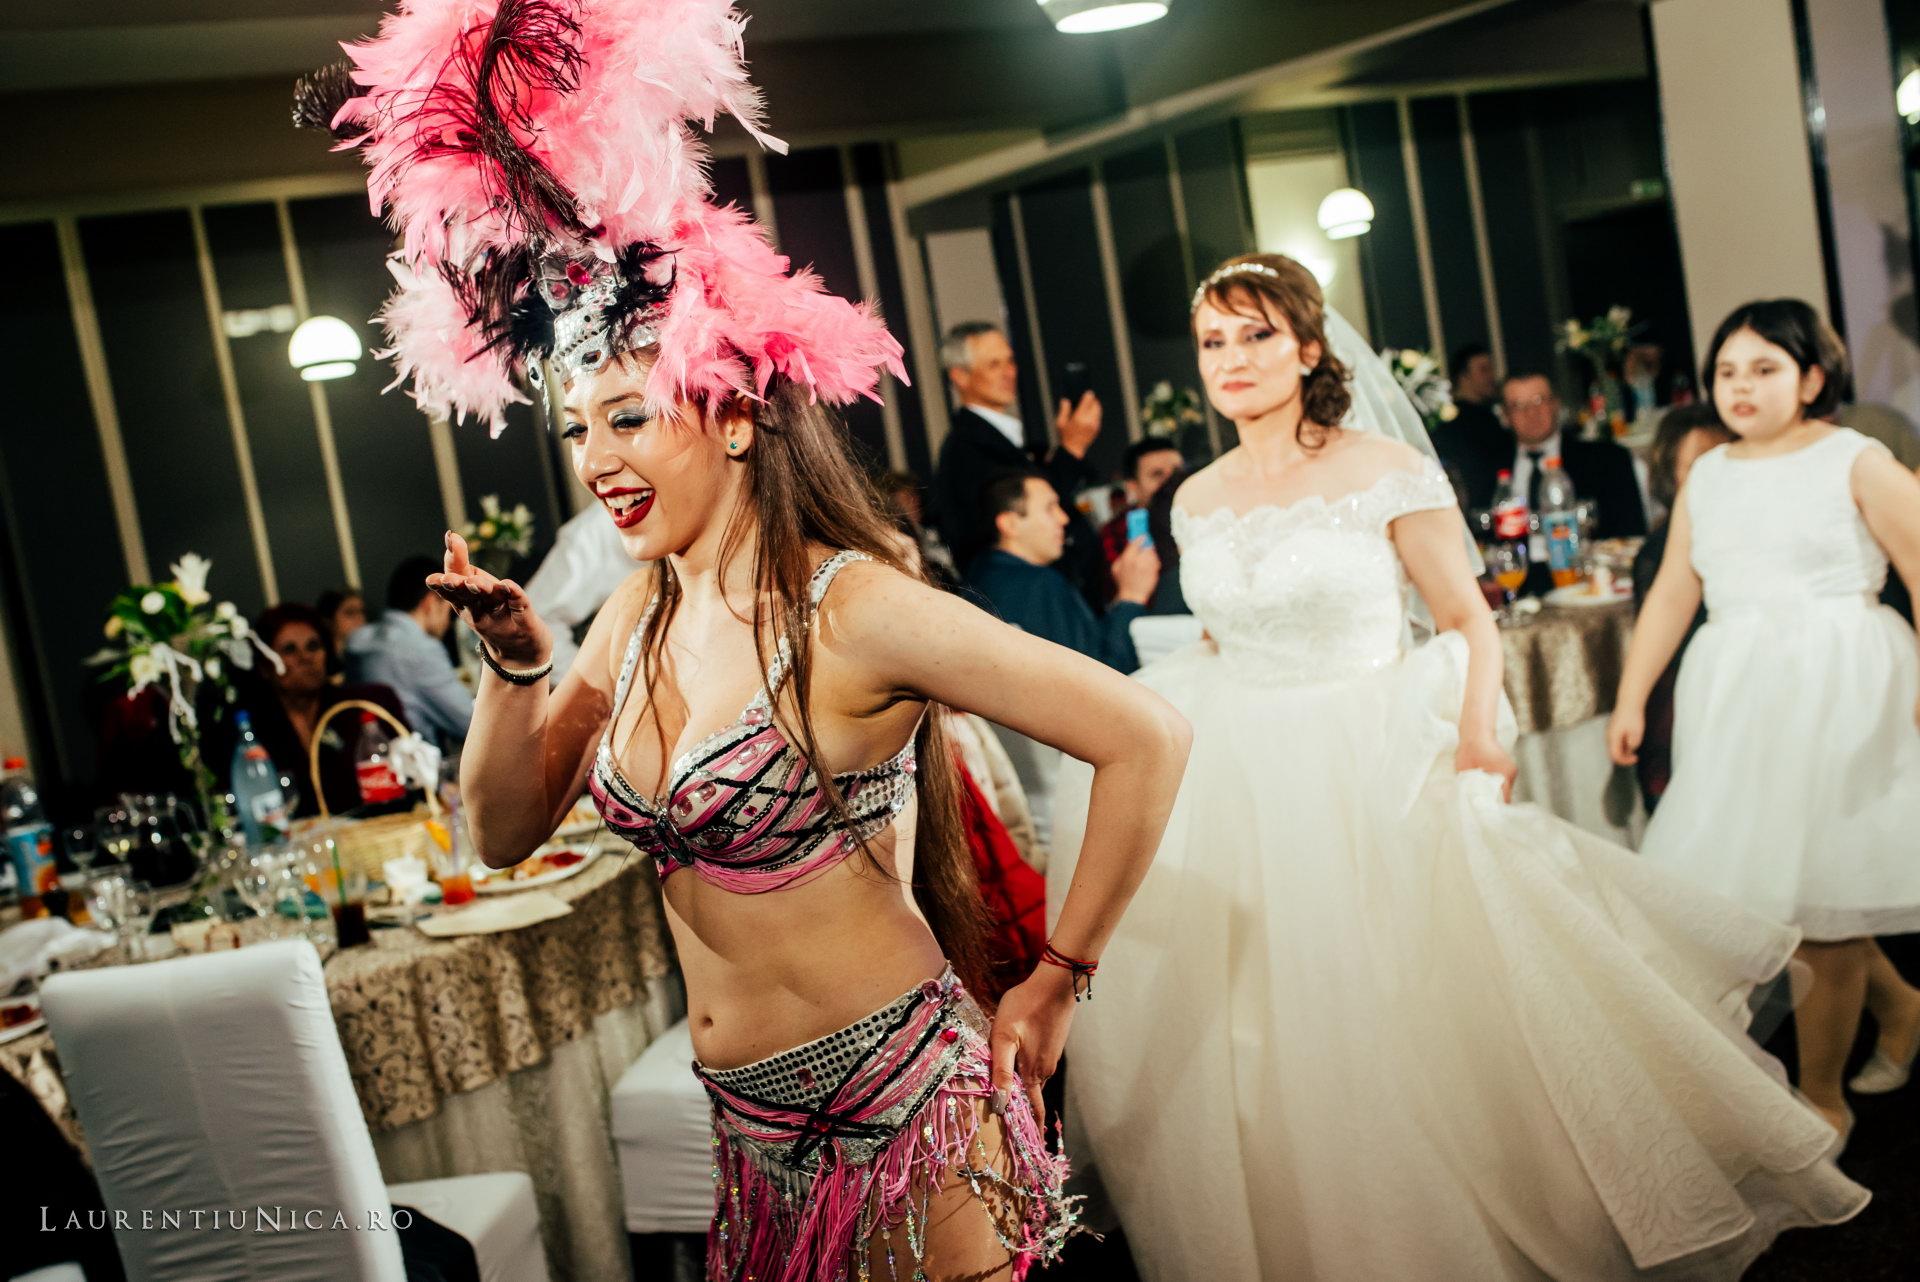 daniela si marius fotografii nunta craiova laurentiu nica56 - Daniela & Marius | Fotografii nunta